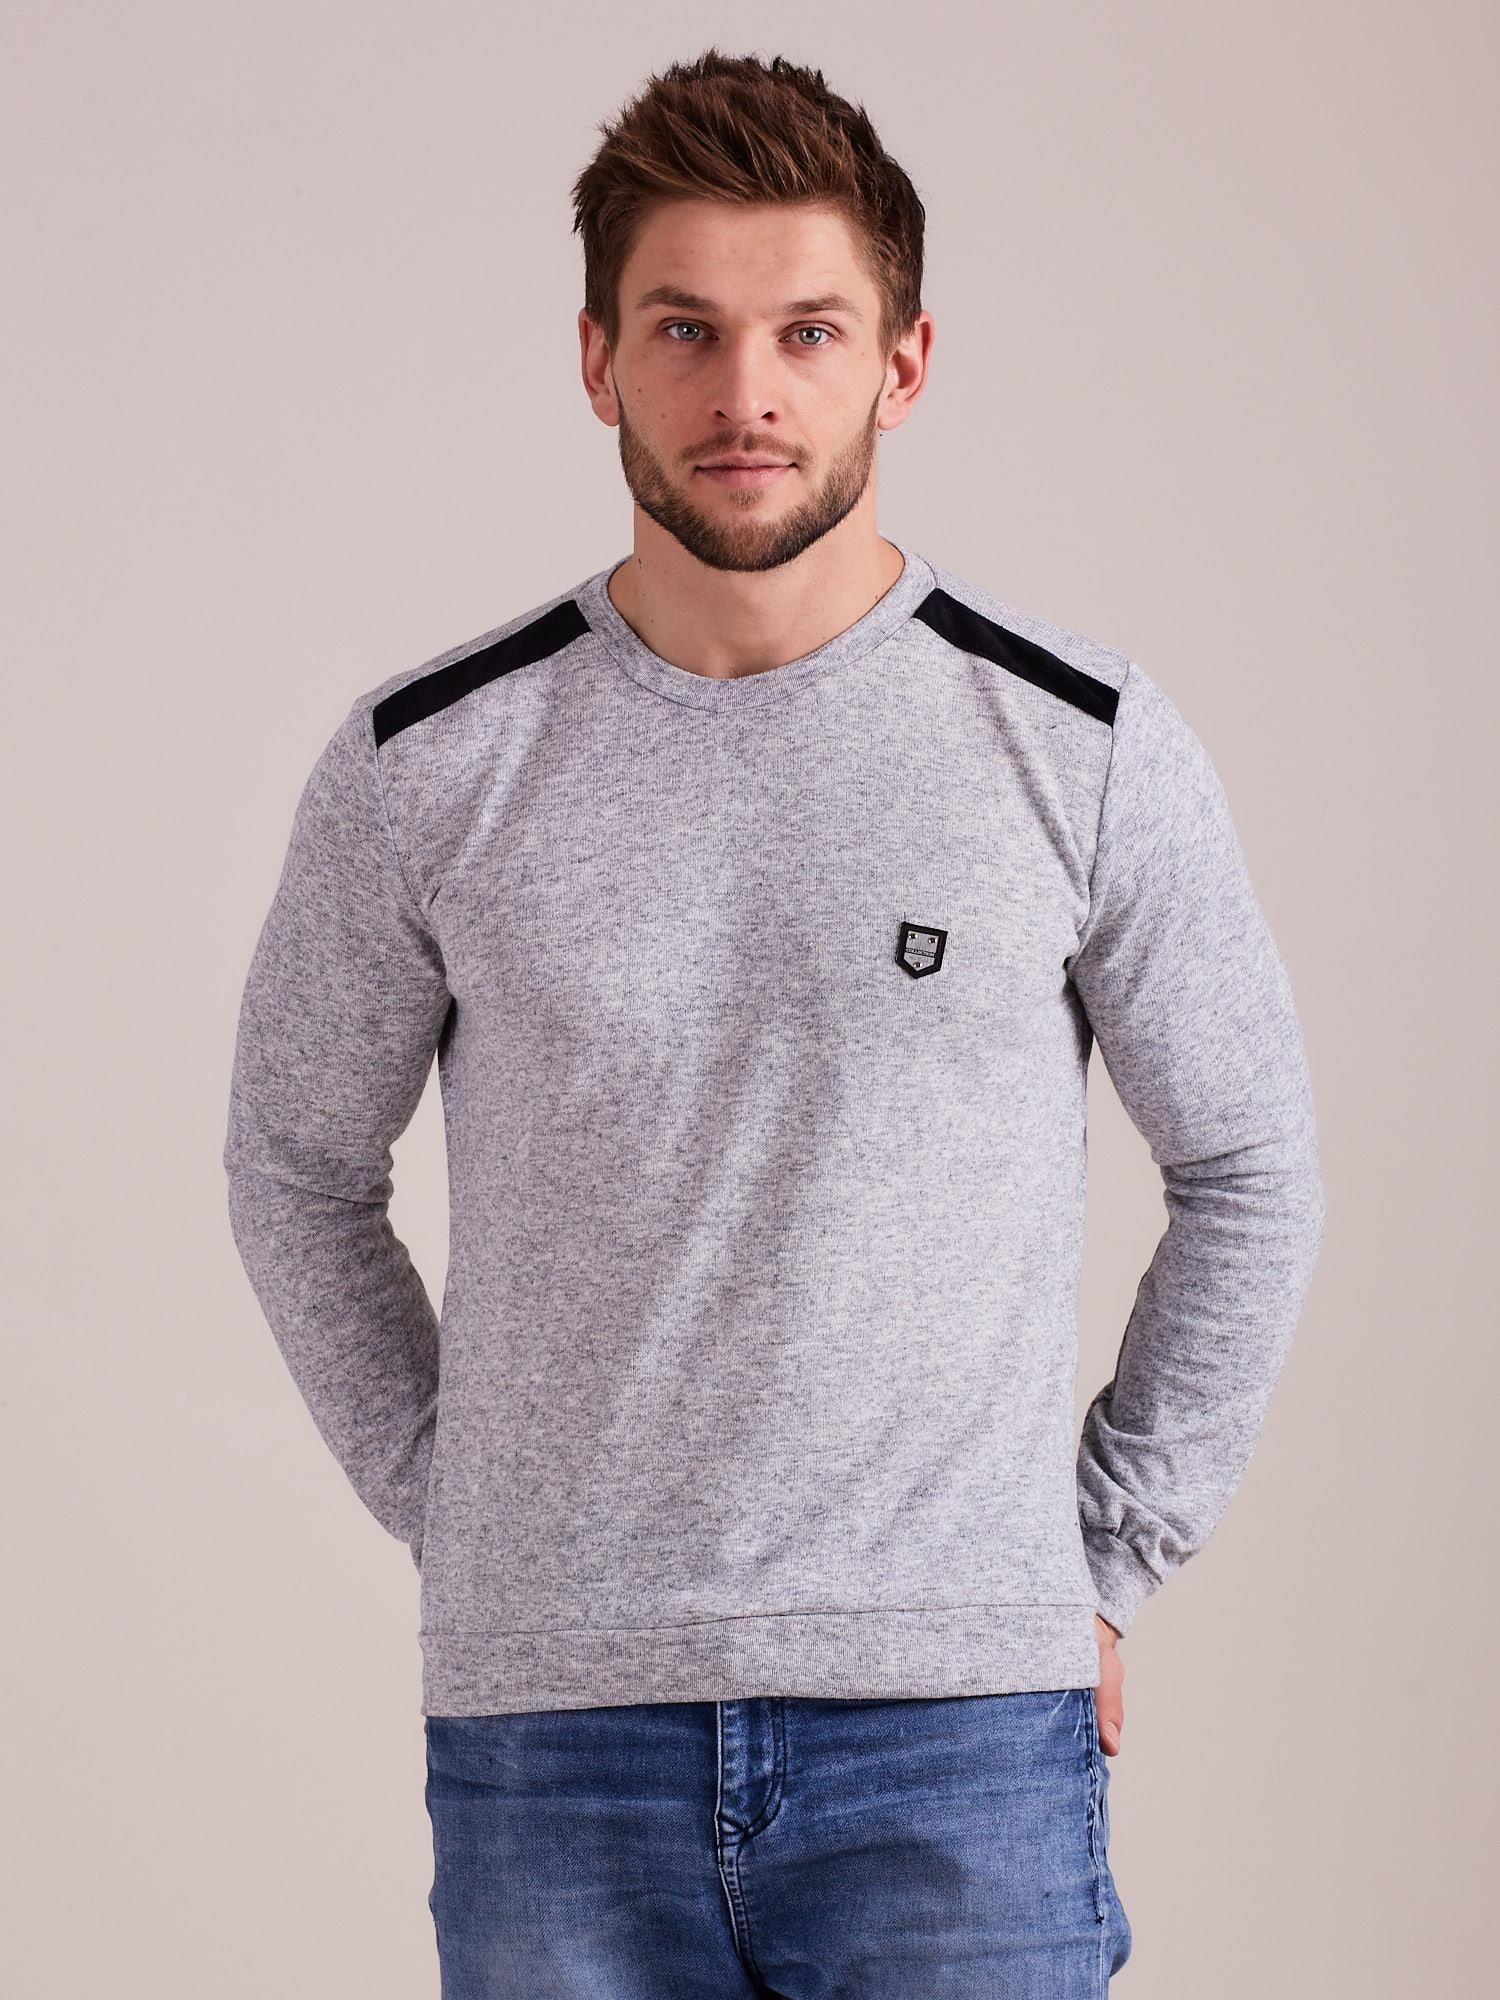 a0bdc683108892 Szary dzianinowy sweter męski - Mężczyźni Sweter męski - sklep eButik.pl